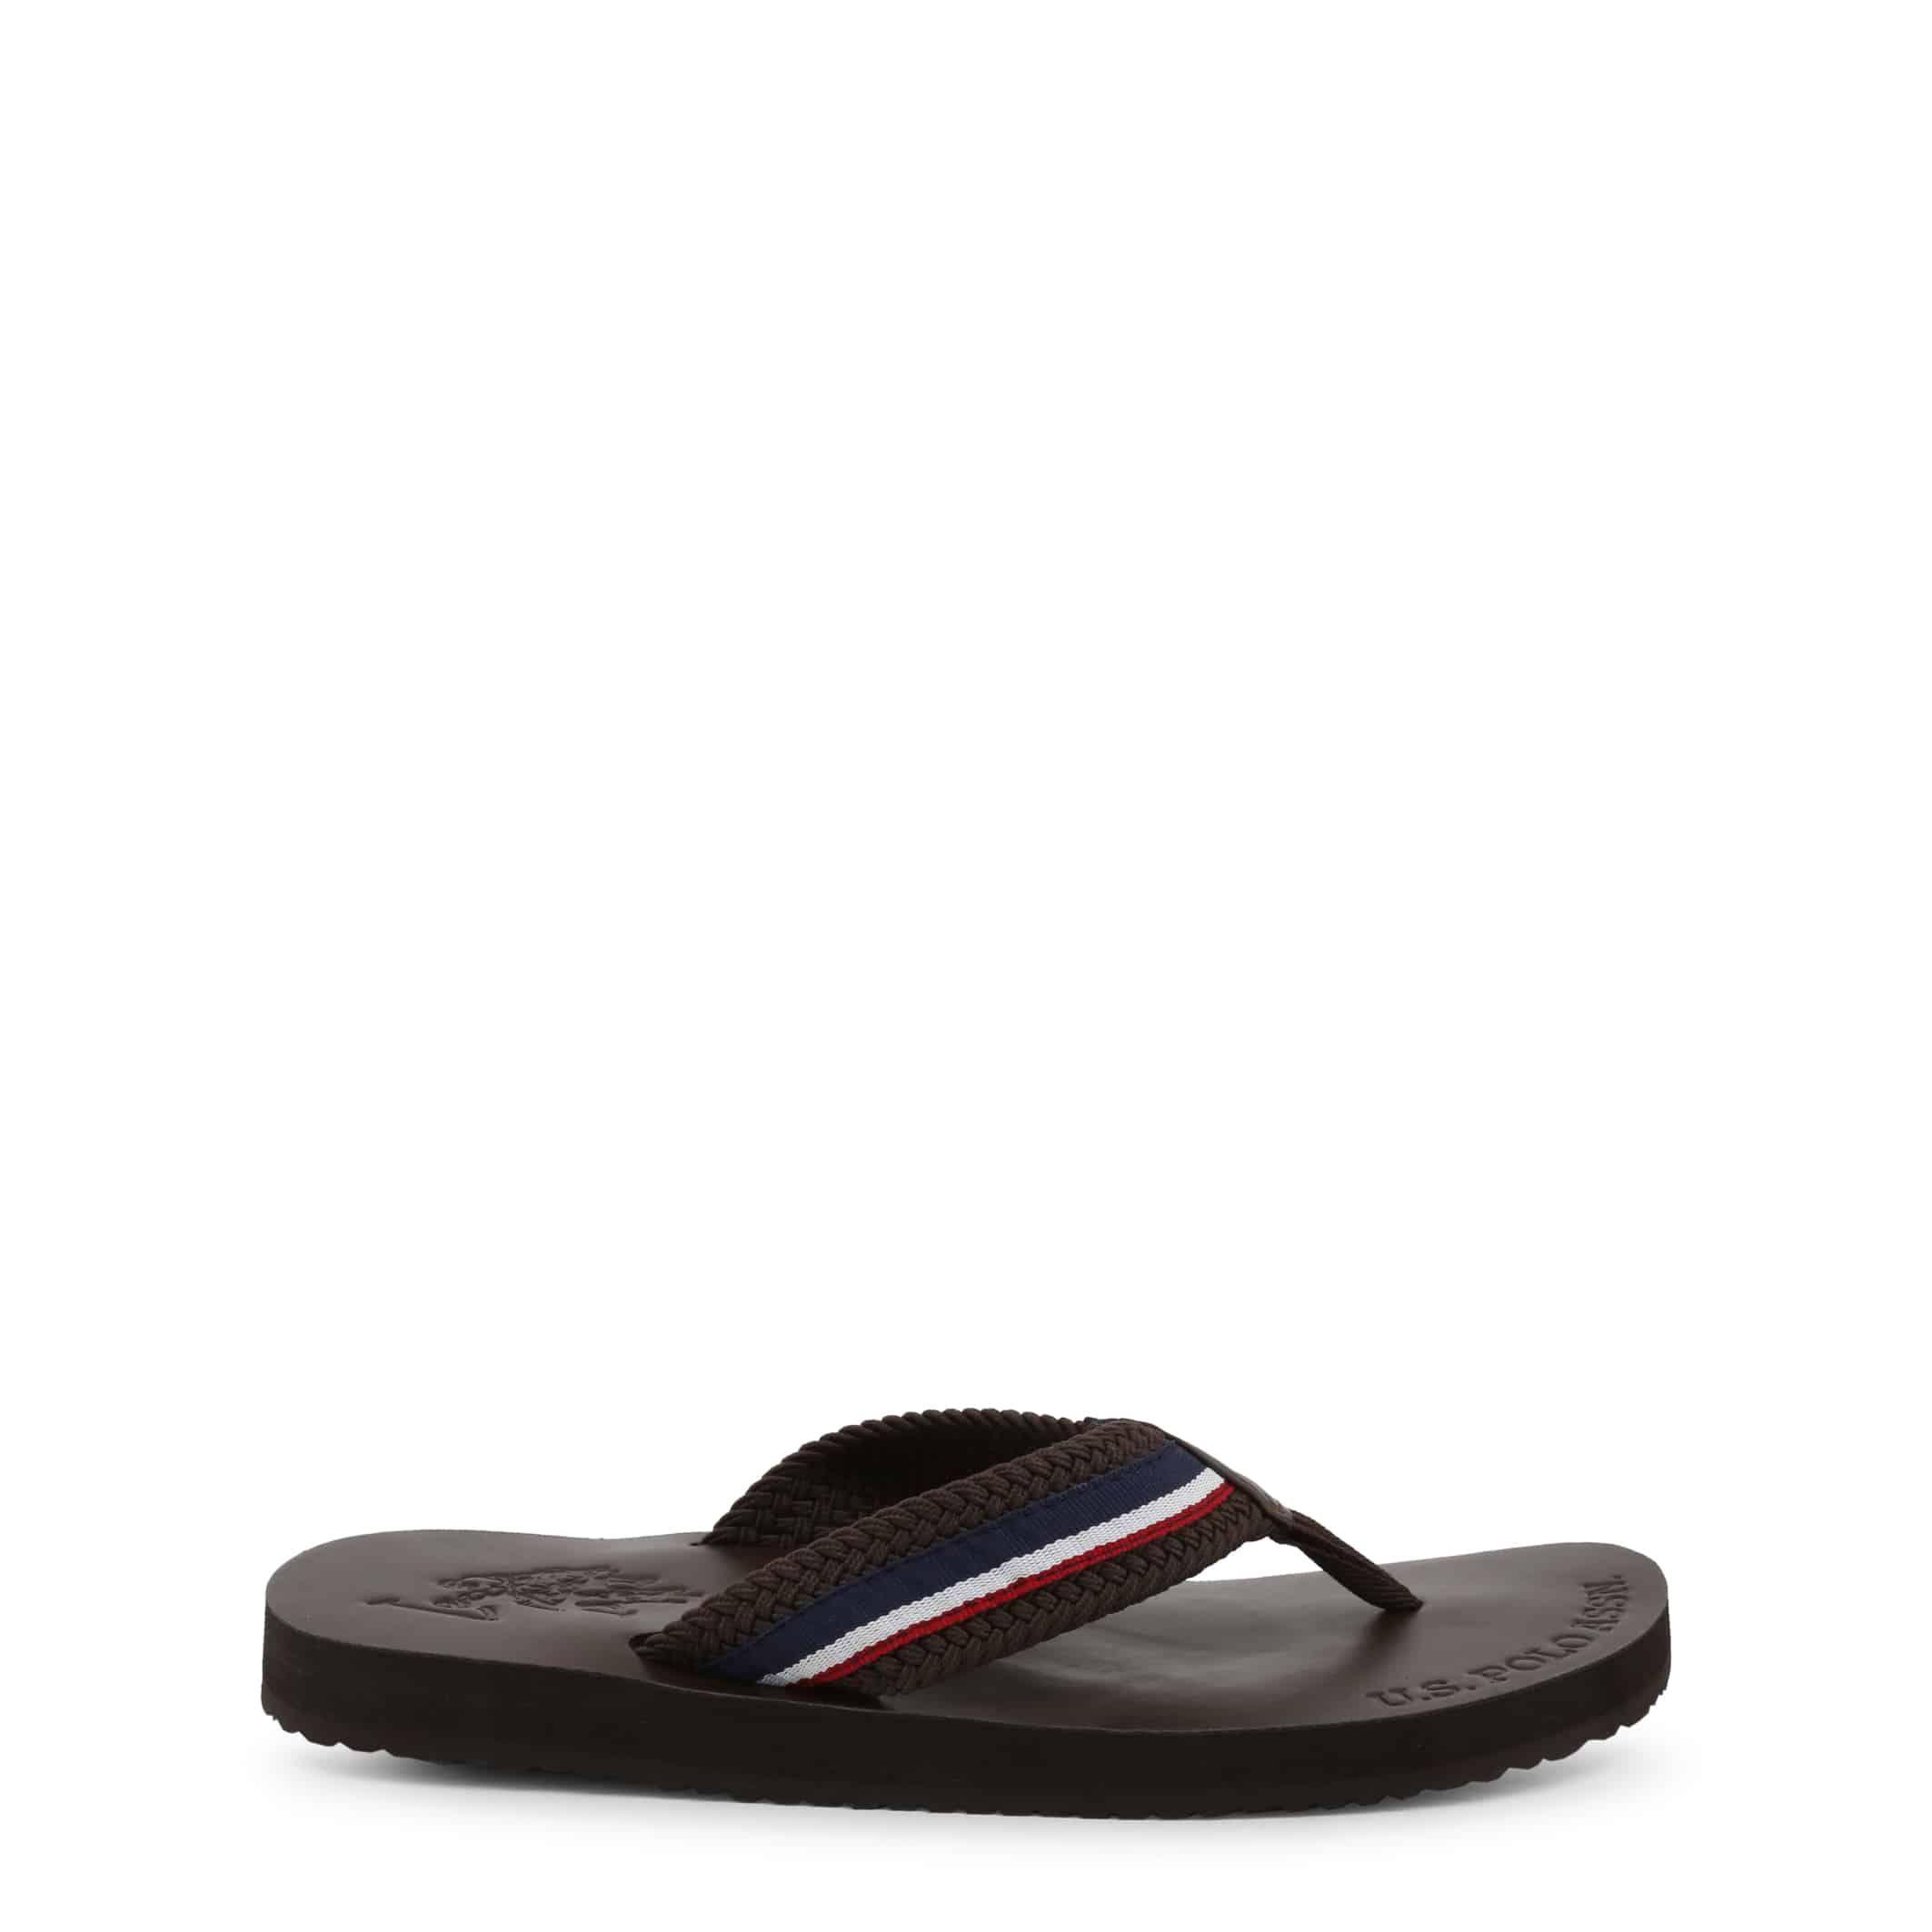 Nu-pieds et Tongs U.S. Polo Assn. – EGADI4111S9_T1